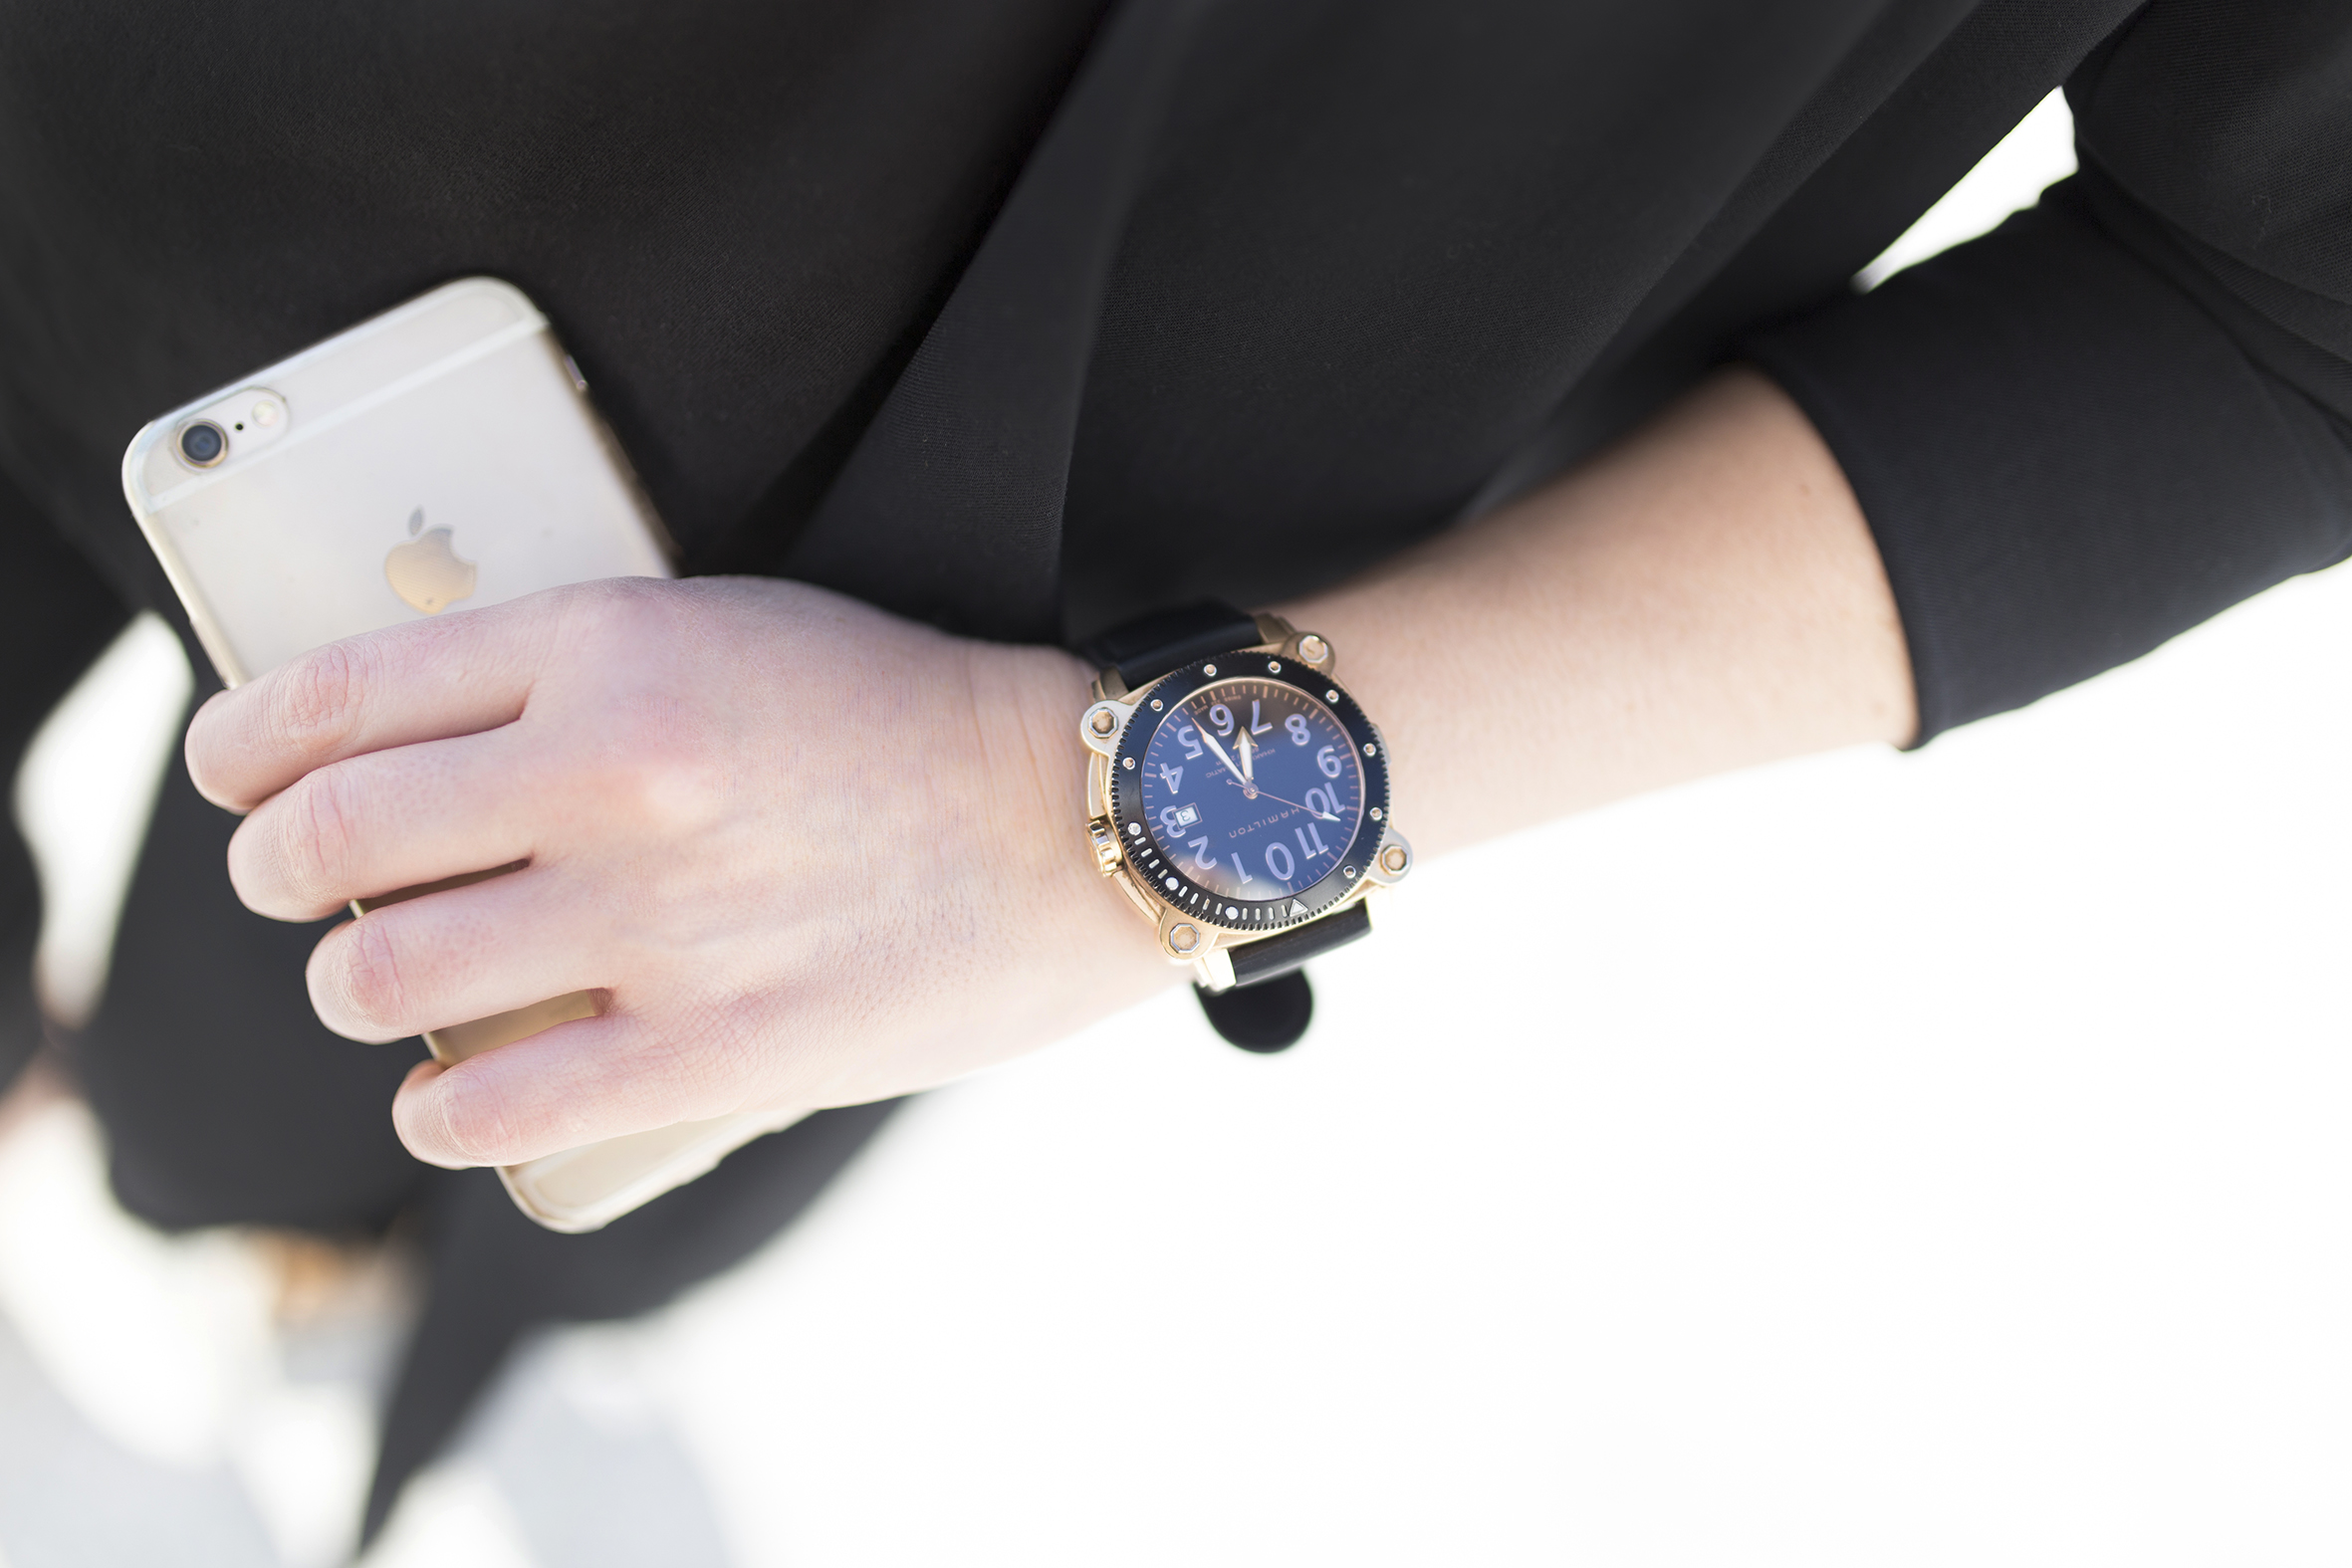 Hamilton-watch-Black look-Zara-streetstyle- Black look-Coruña- blogger-Black-descalzaporelparque